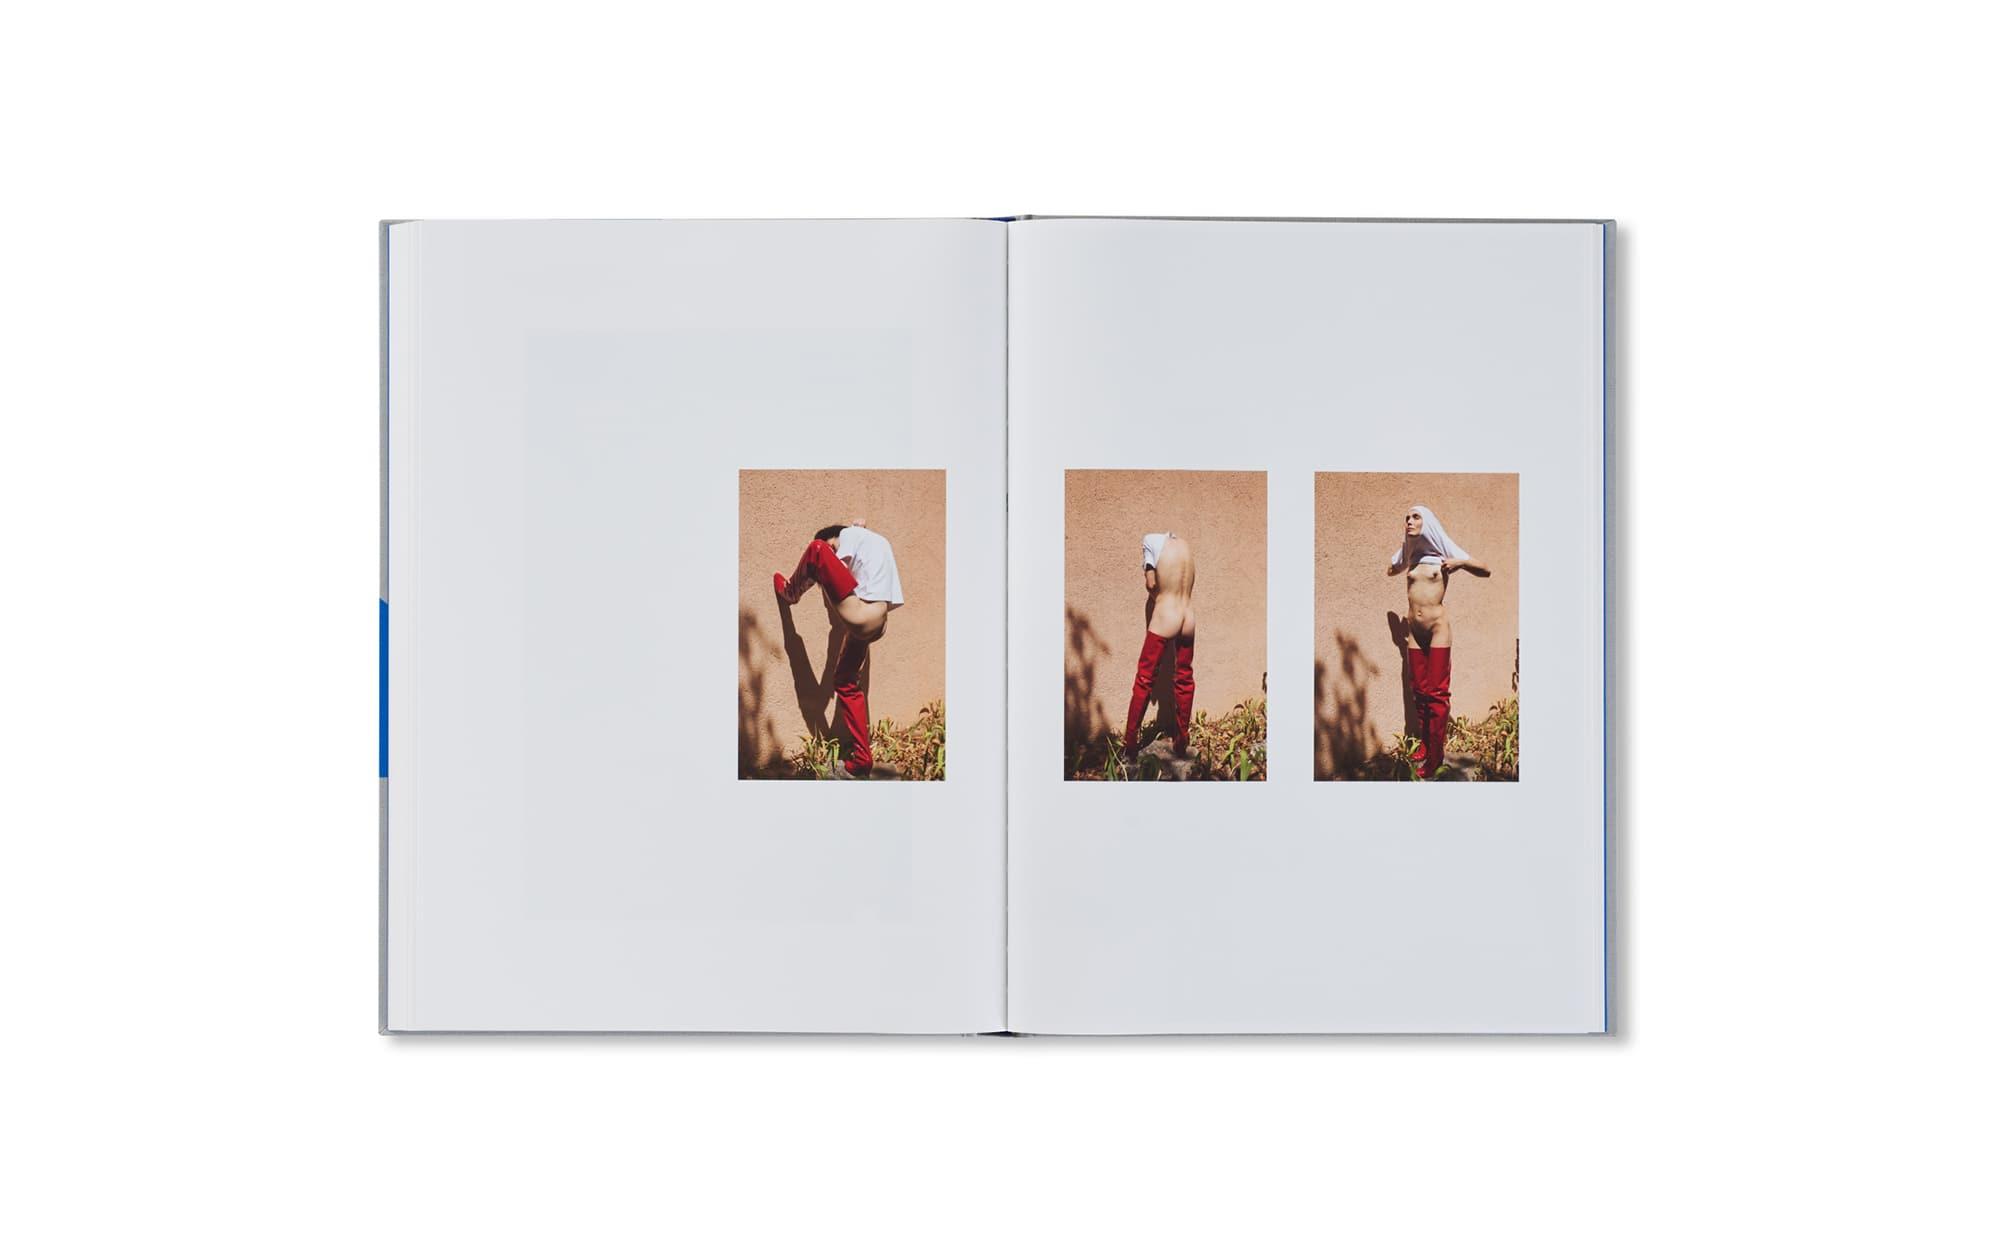 ブックレヴュー『ROXANE II』ヴィヴィアン・サッセン   ROXANE Ⅱ ヴィヴィアン・サッセン 写真集3